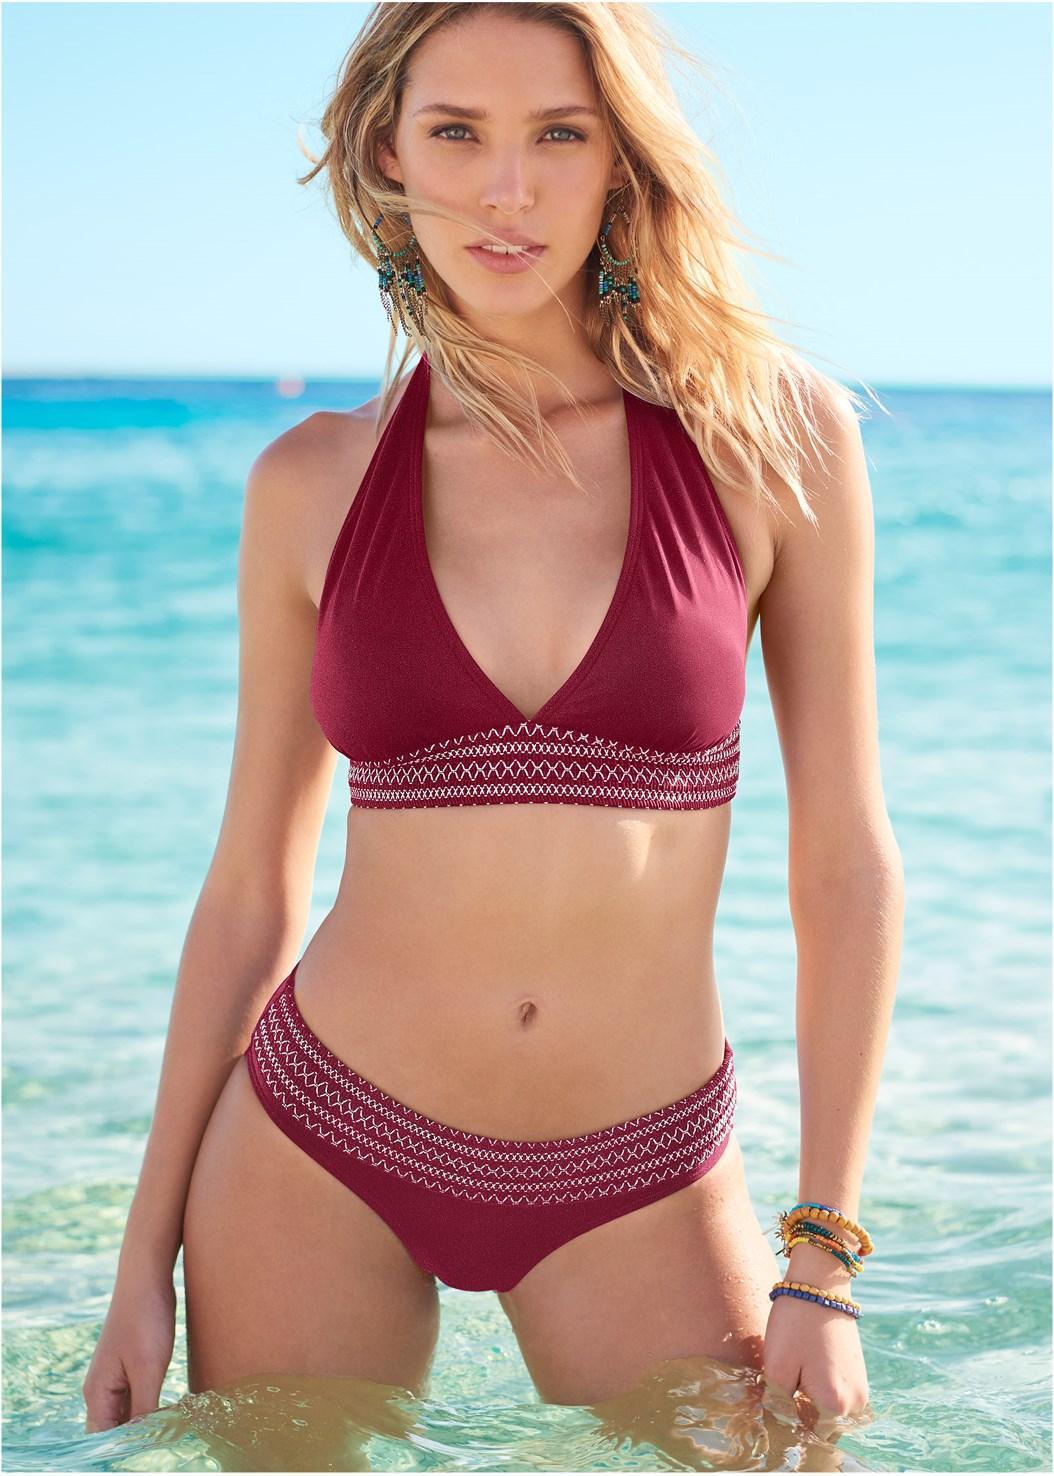 Smocked Bikini Bottom,Smocked Halter Top,Wrap Bikini Top,Smocked Enhancer Top,Cover-Up Beach Pants,Circular Straw Bag